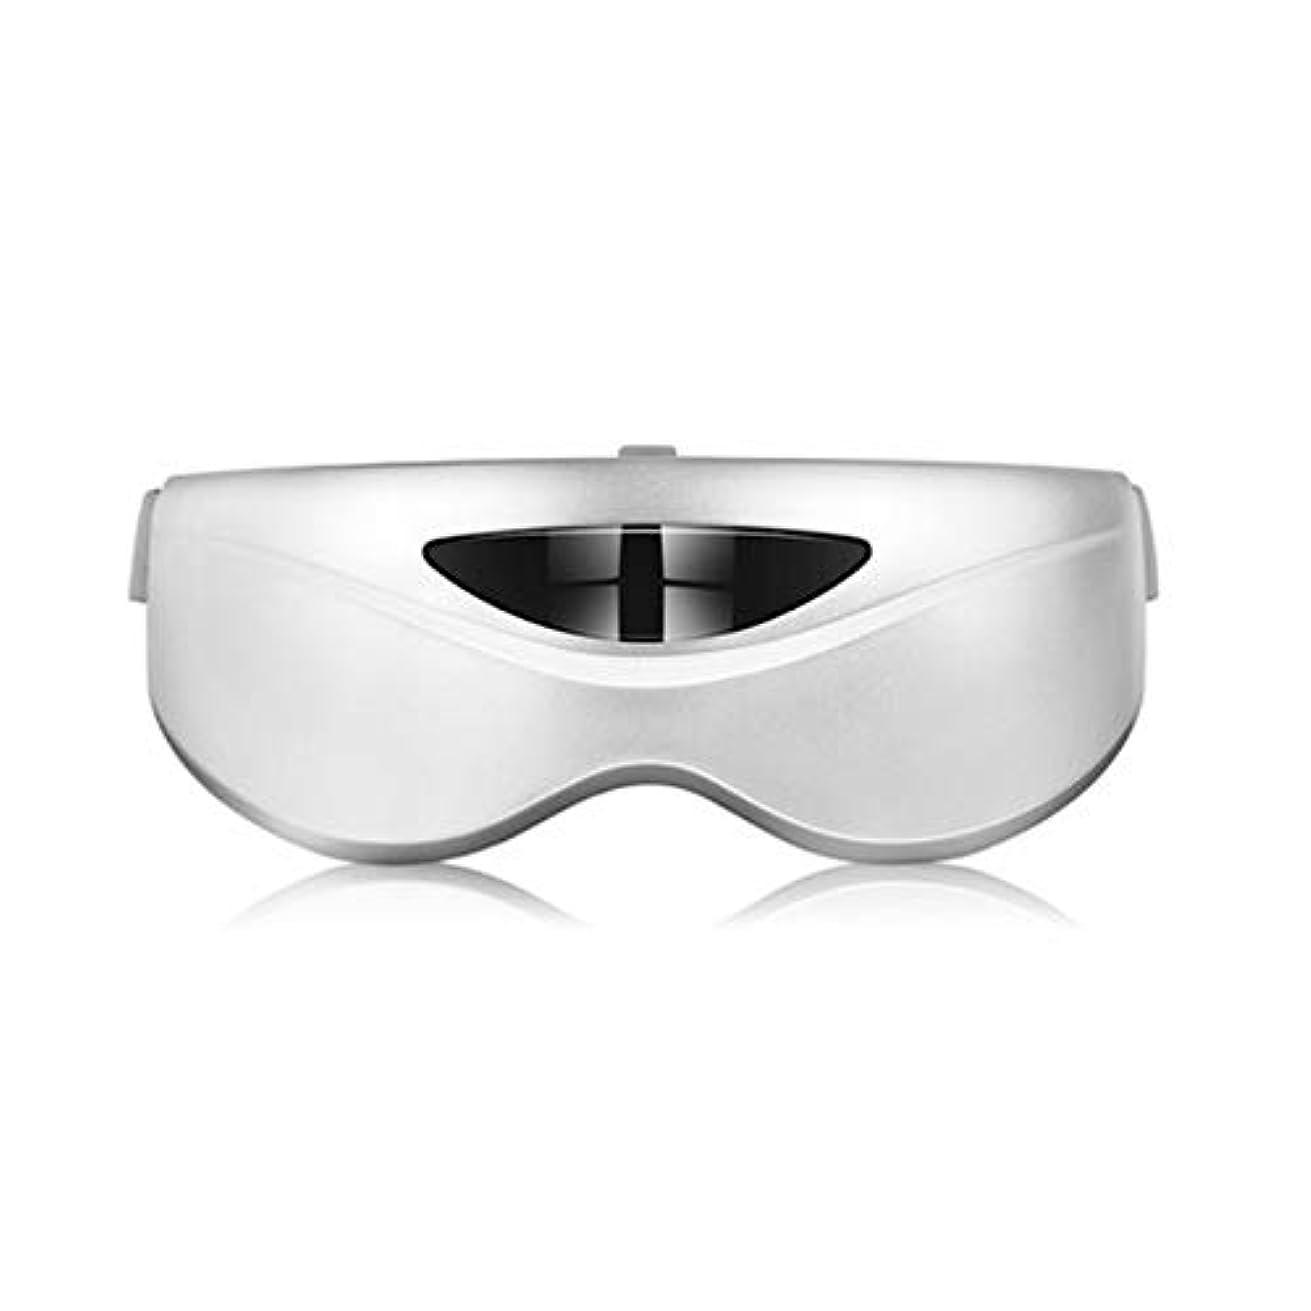 保証金枠複雑マッサージ器 - 熱を緩和するアイケア機器アイマスク疲労マッサージ器 (Color : Silver)